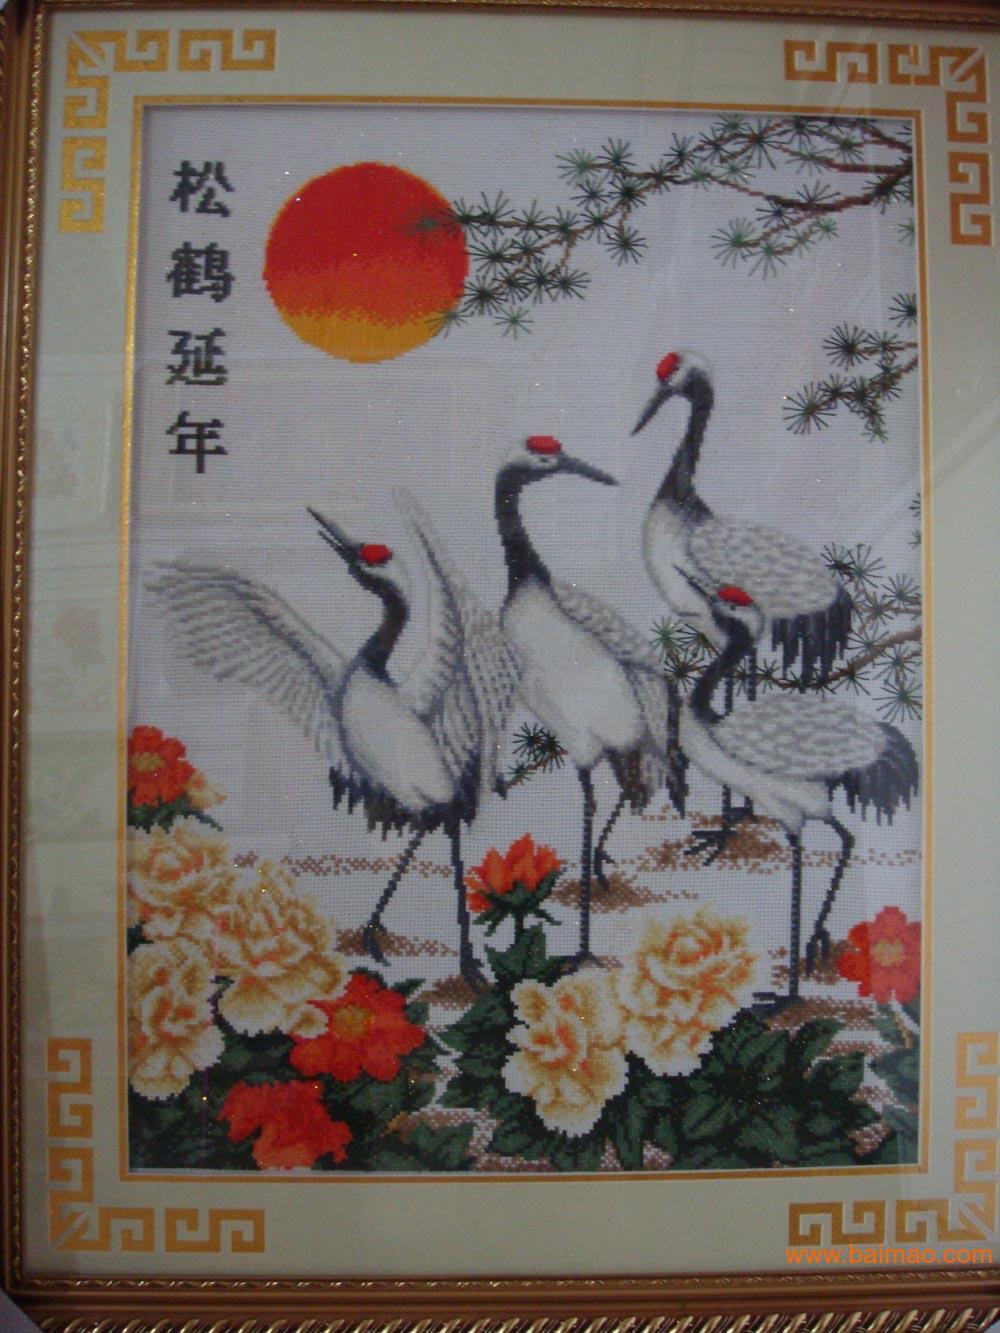 動物類十字繡